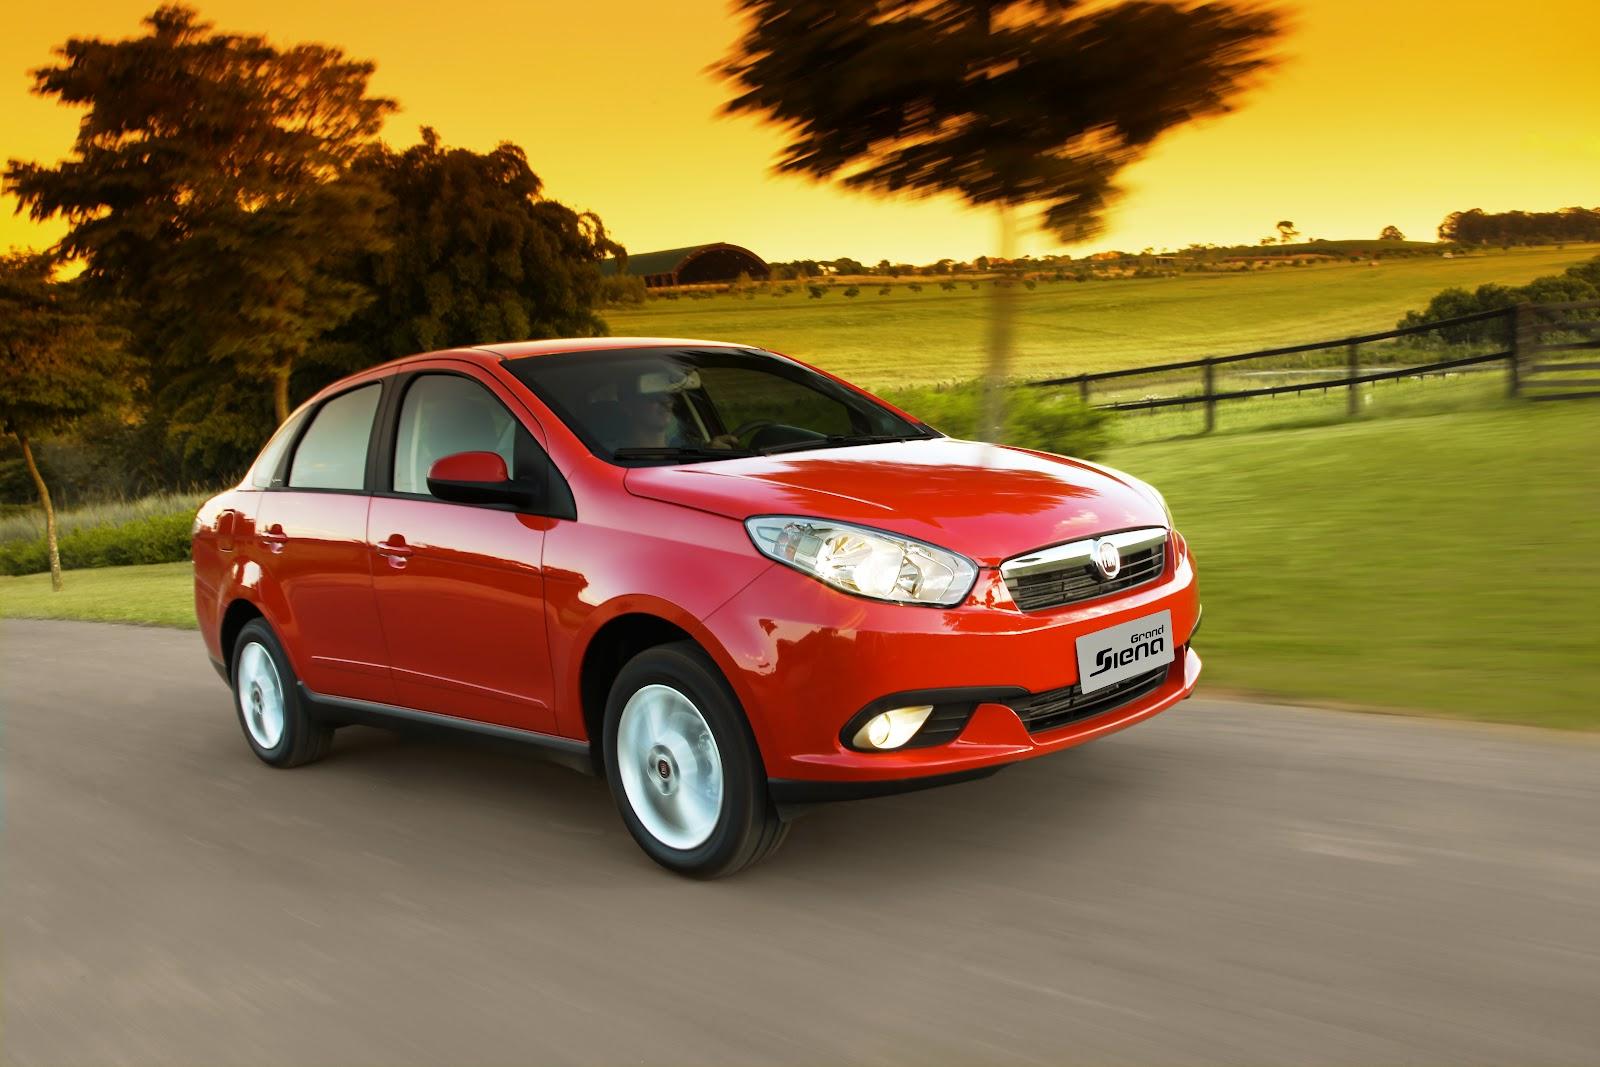 Fiat Grand Siena já está disponível para demonstração e teste na Carboni Fiat SIENA%252012%2520 %2520Attractive